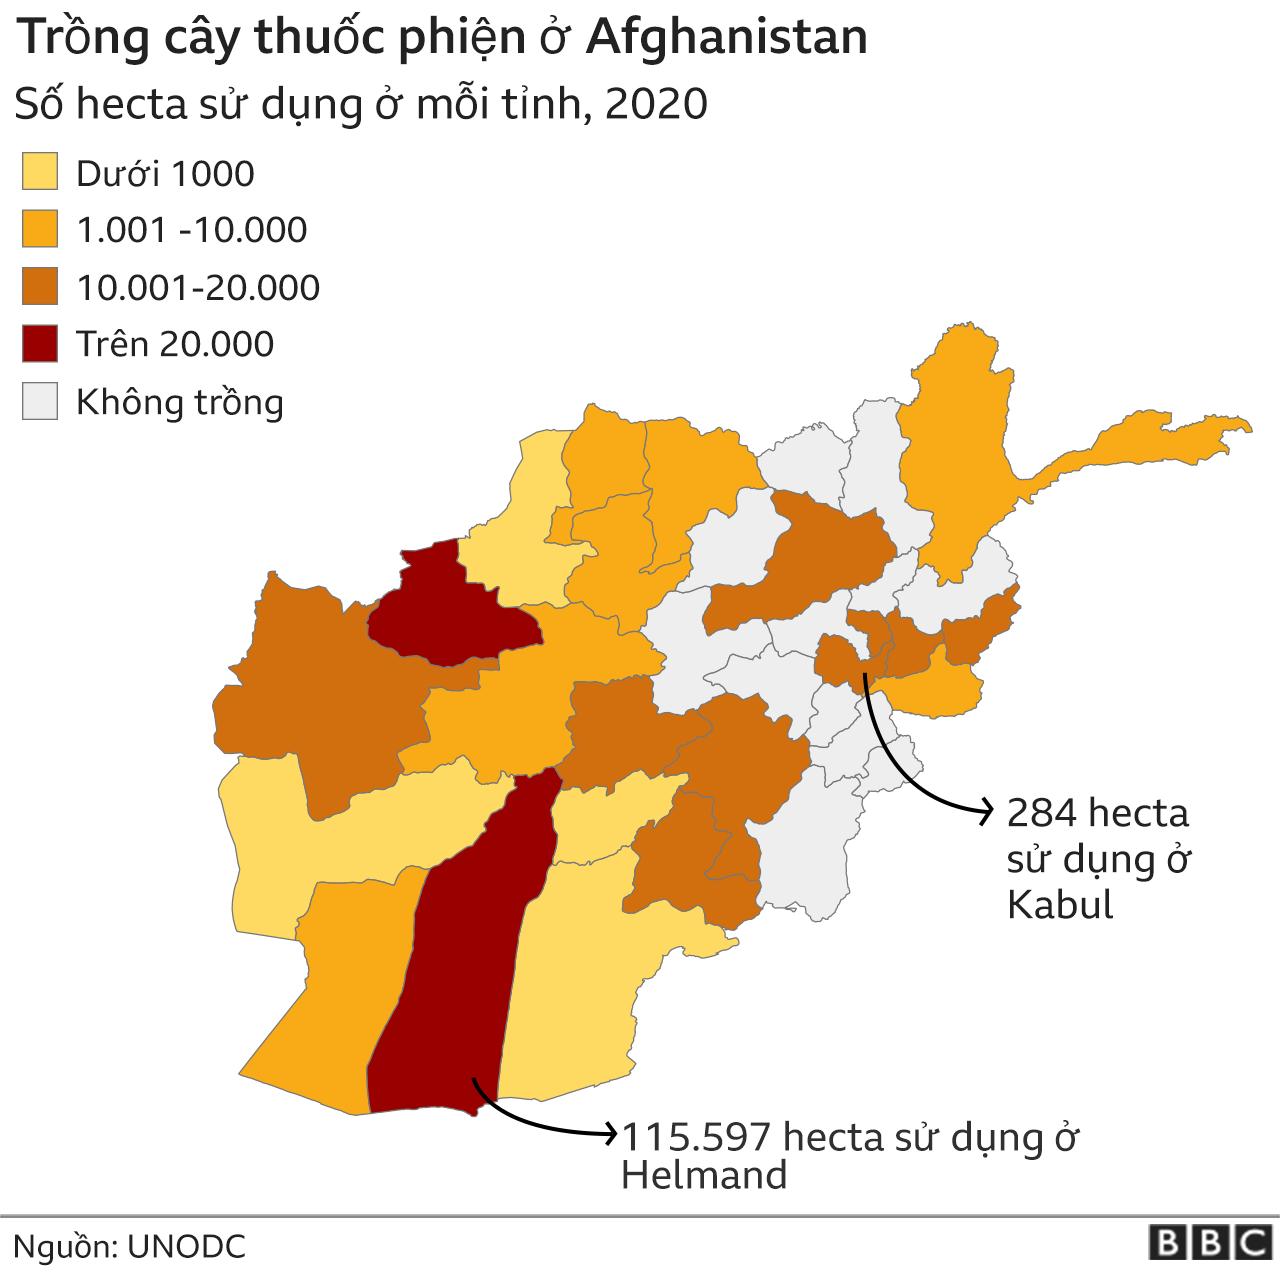 Afghanistan opium map